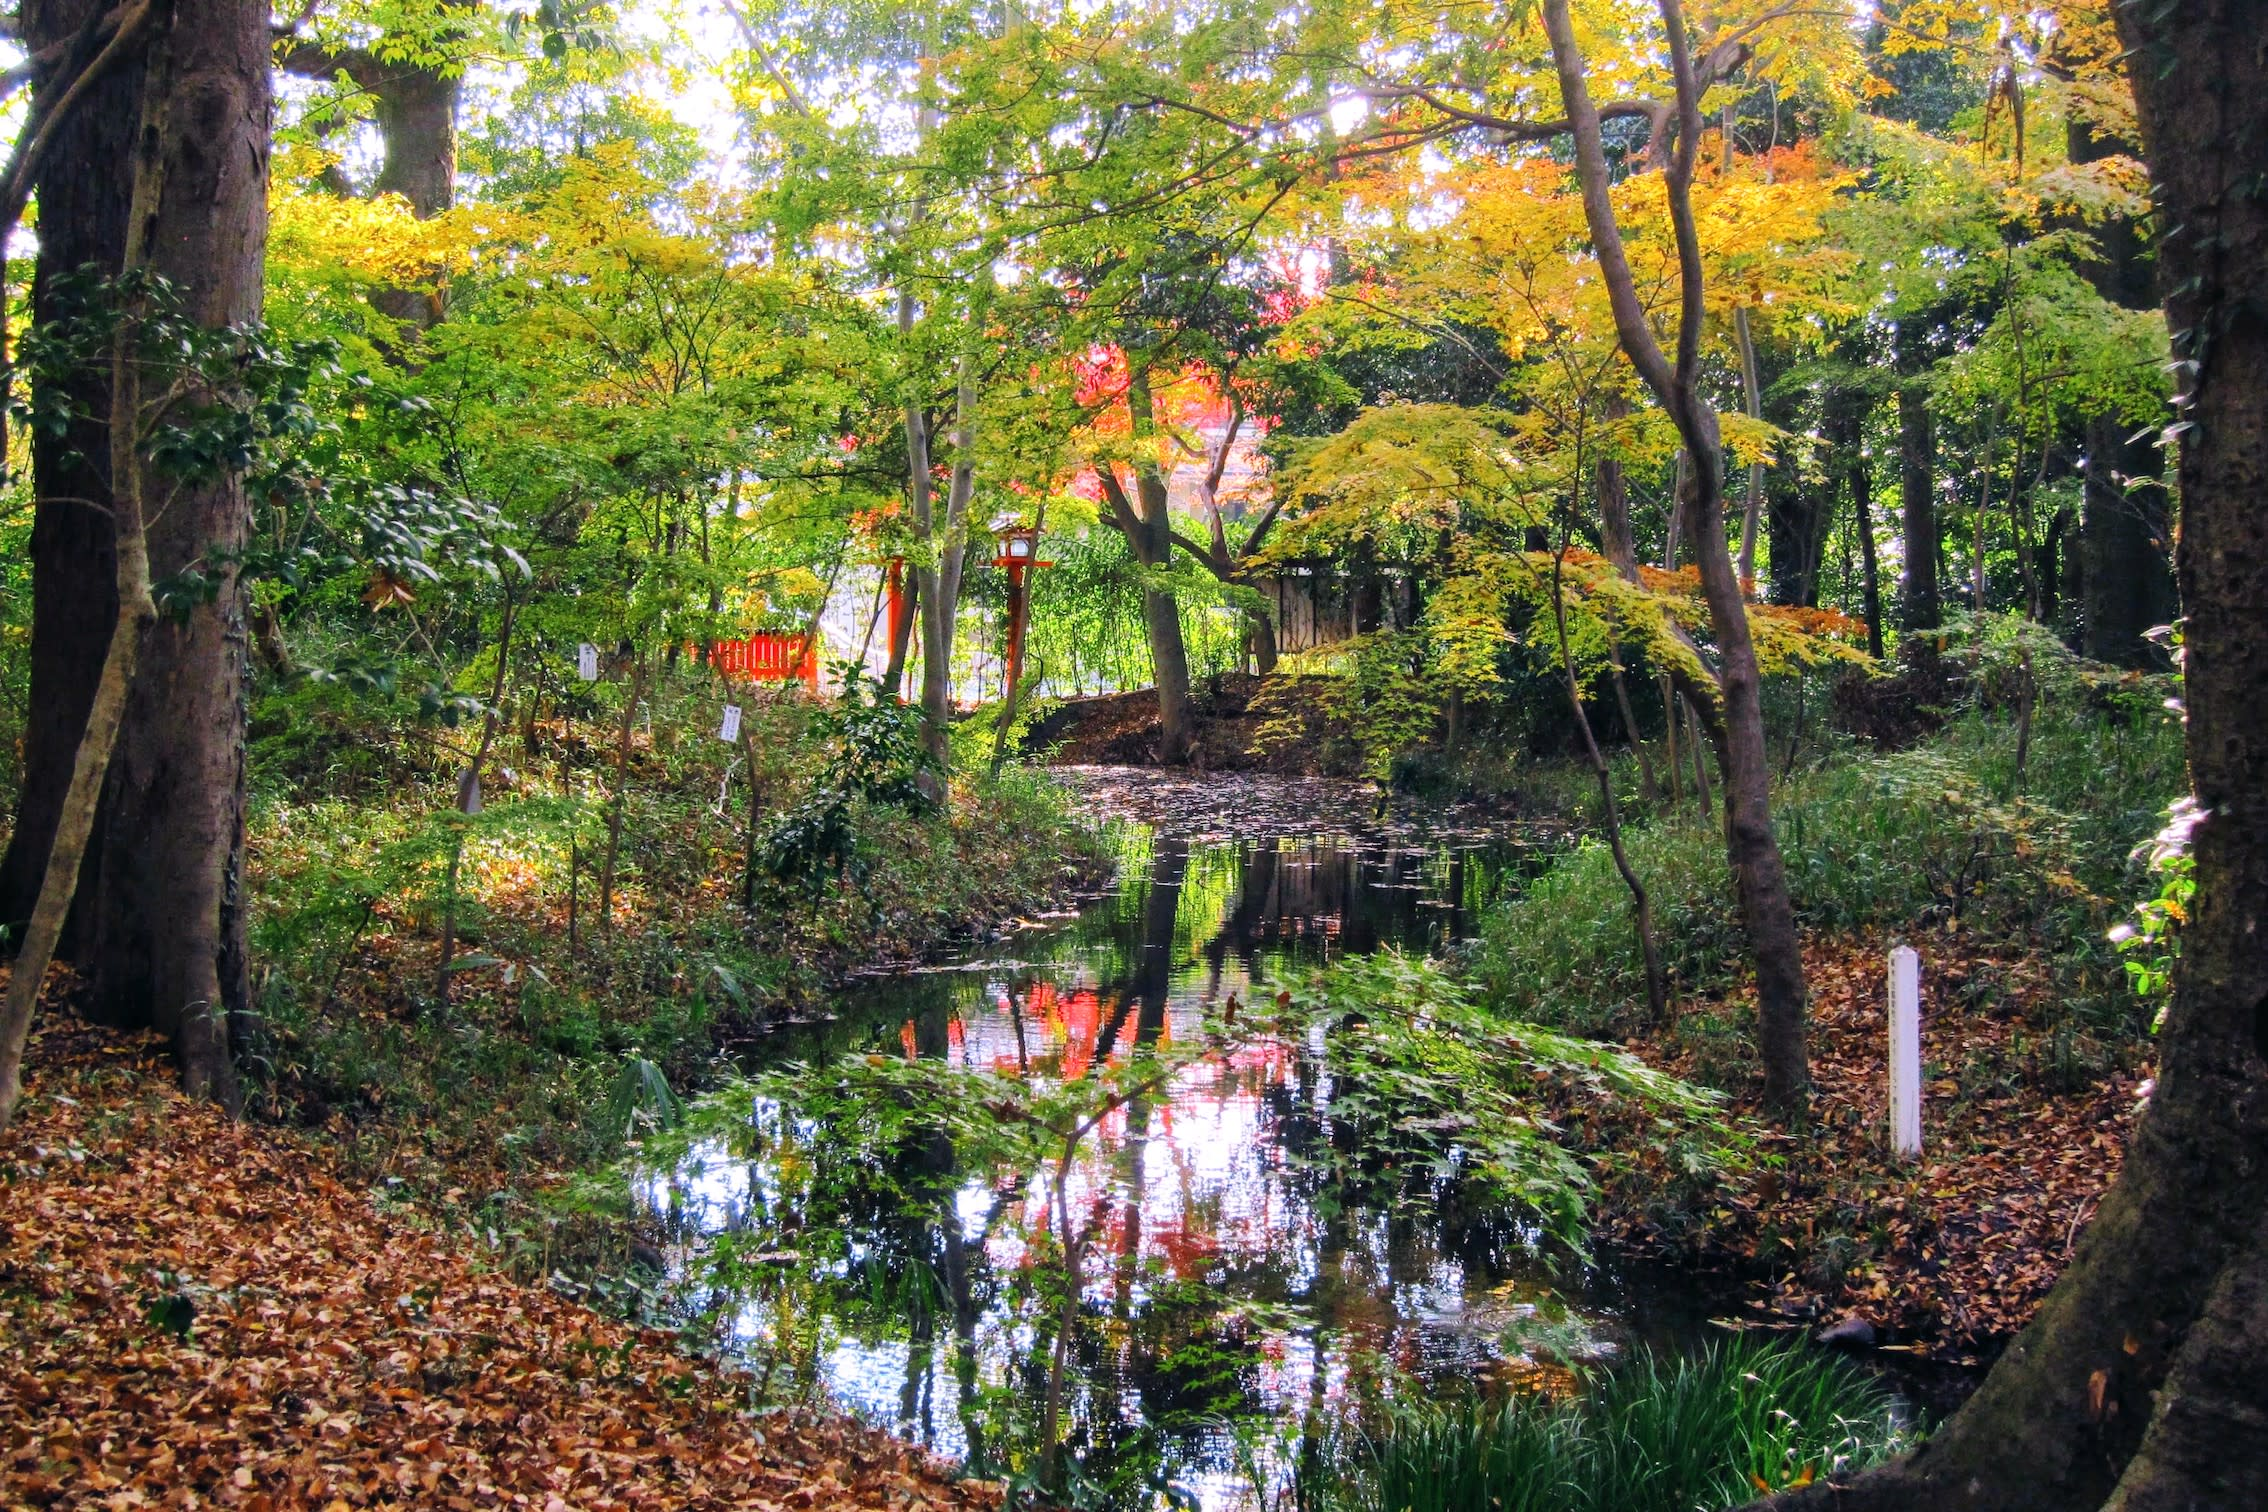 森林中的小小溪流 Photographer / safu